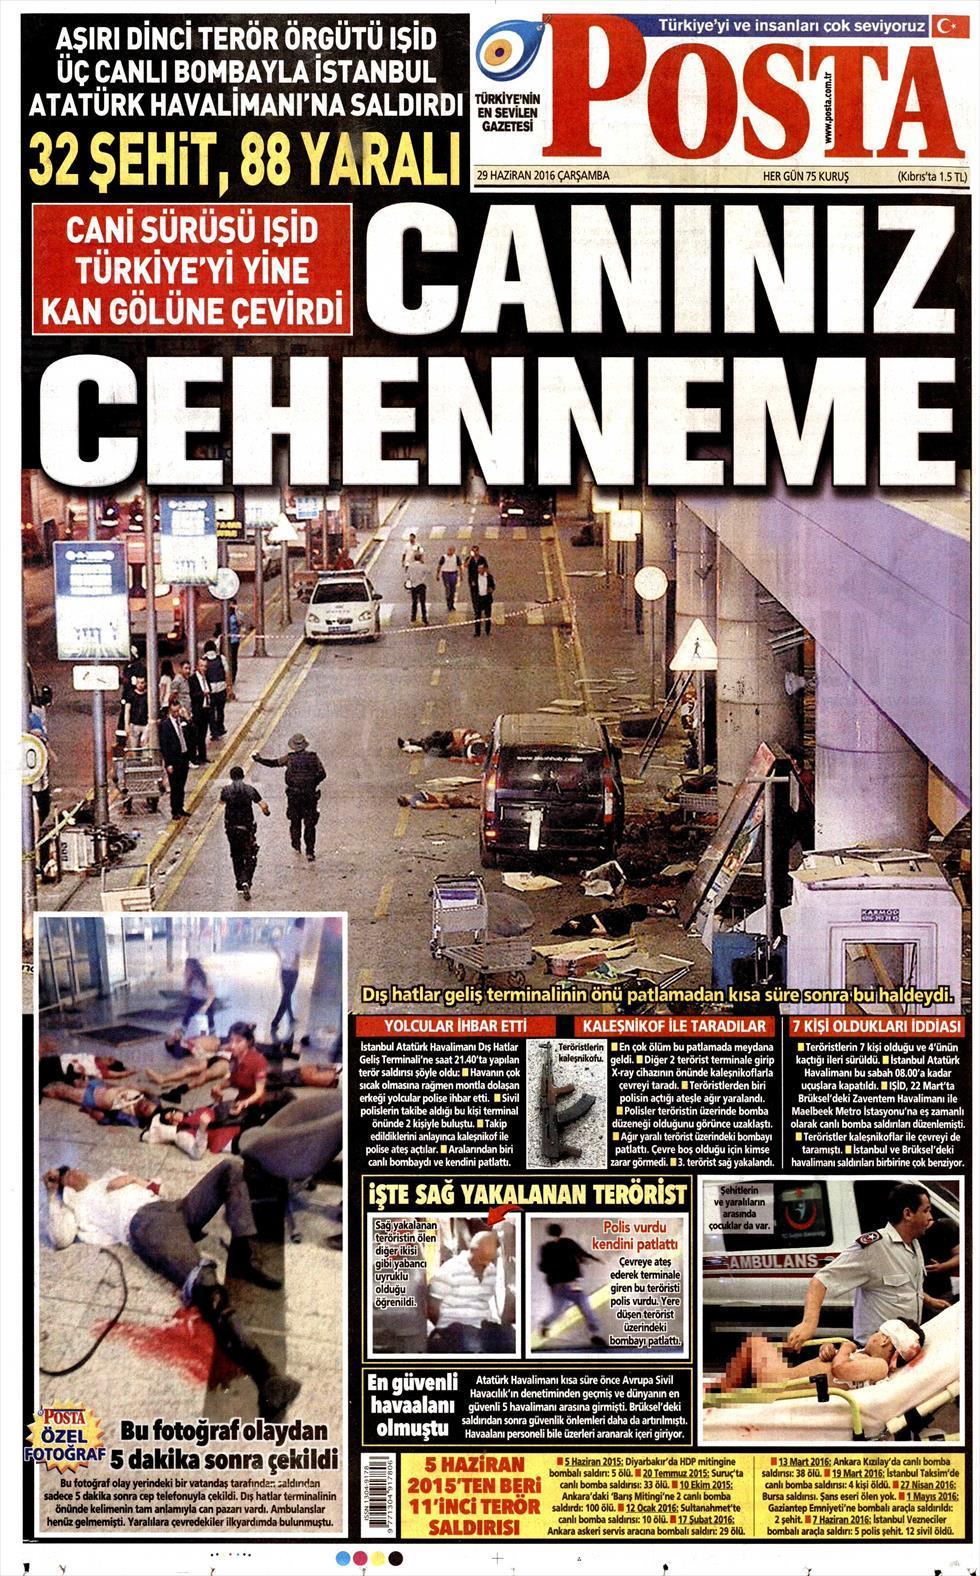 İşte Atatürk Havalimanı saldırısıyla ilgili tüm haberler 44